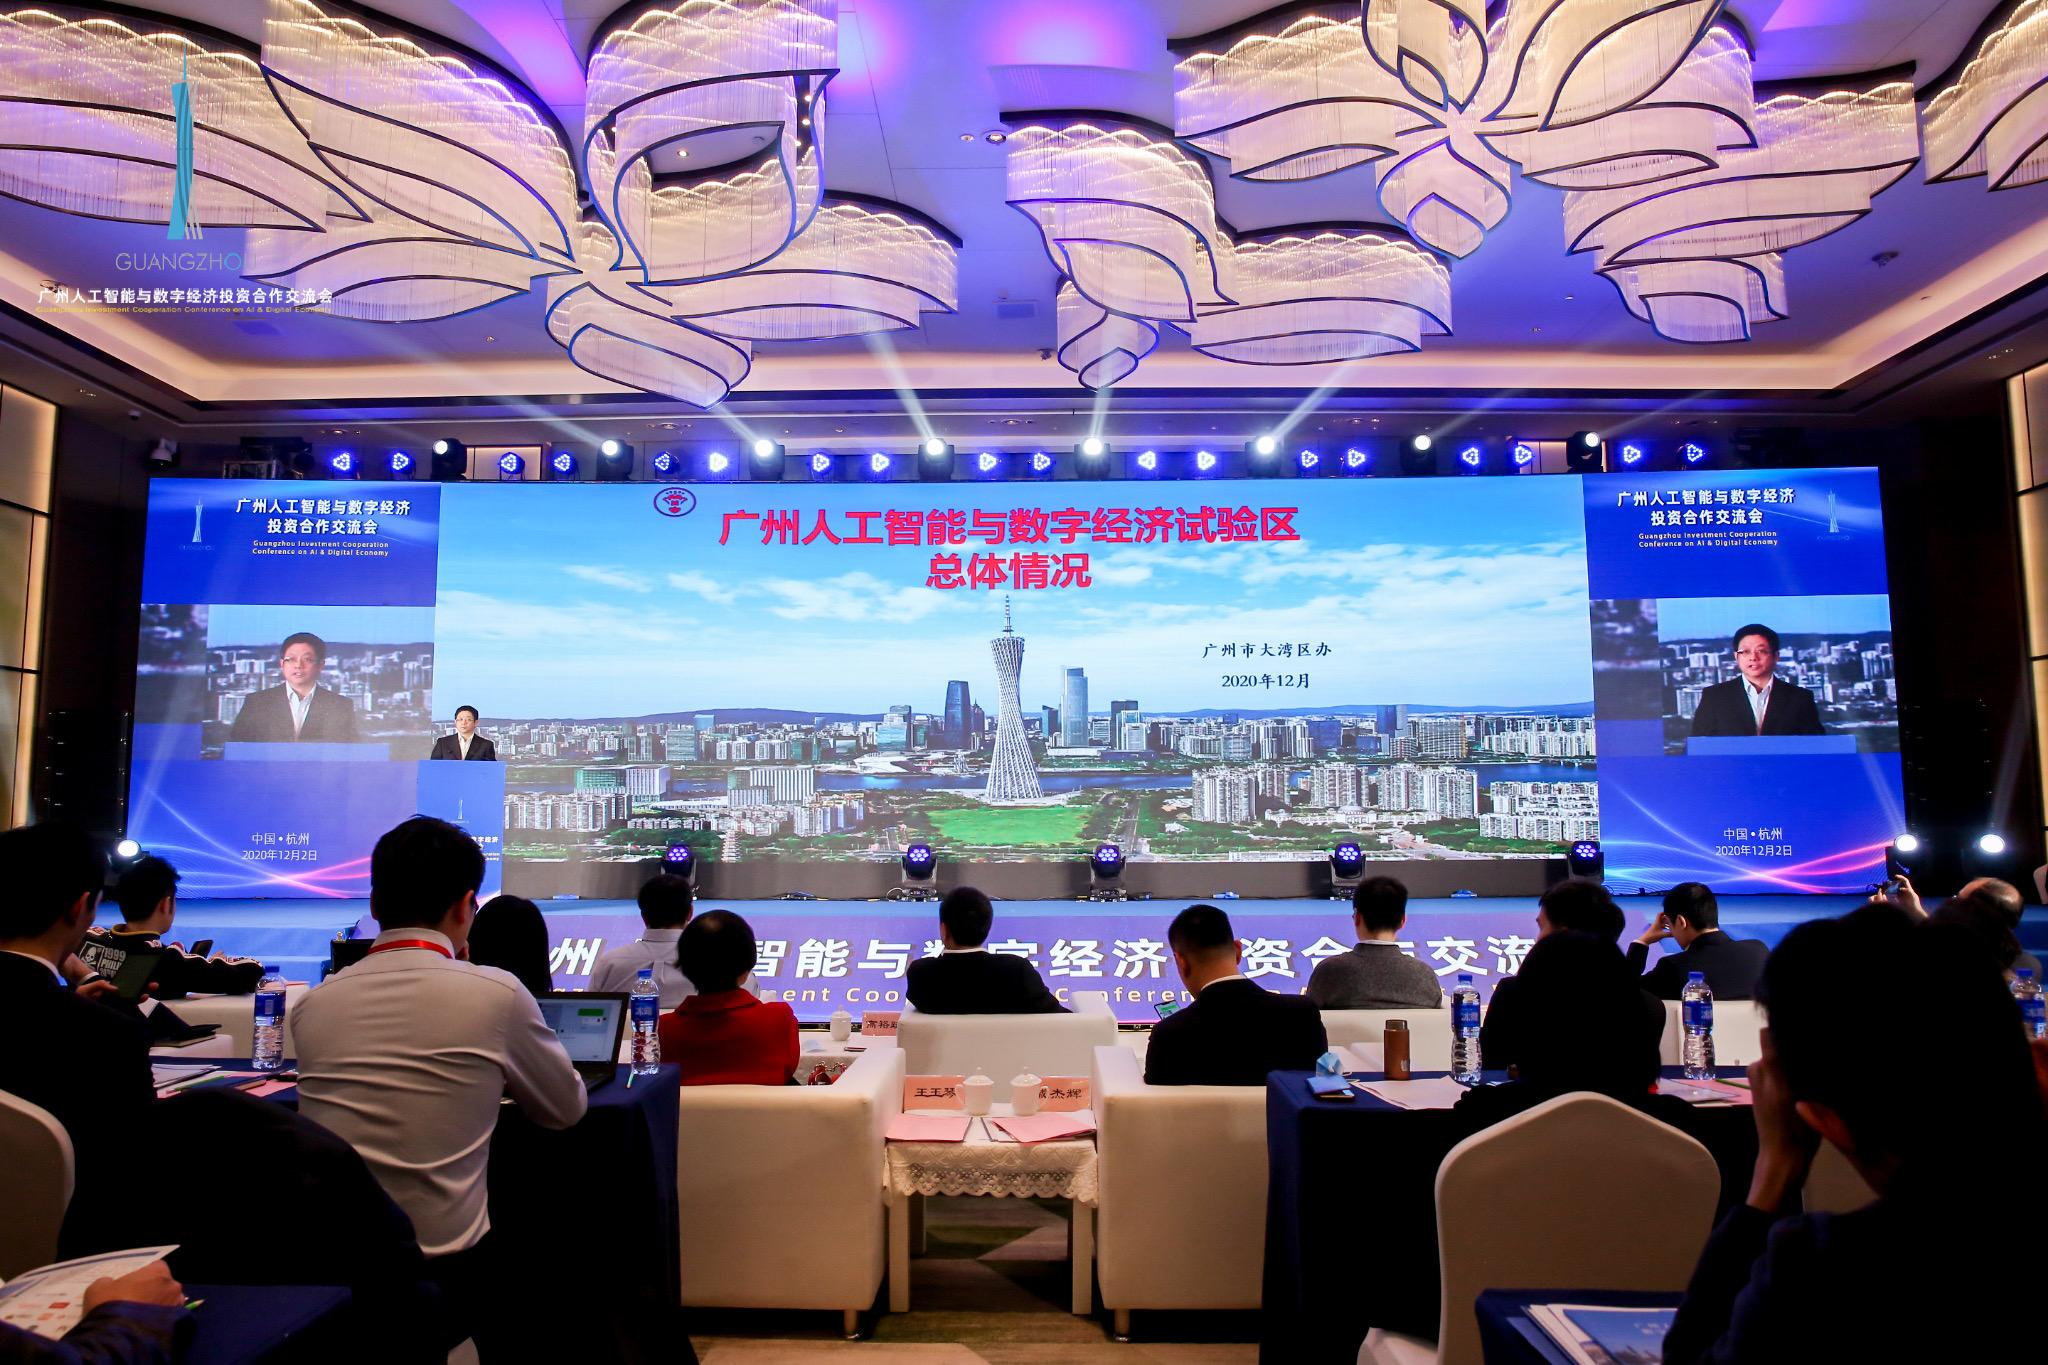 广州人工智能与数字经济产业投资合作交流会在杭举行